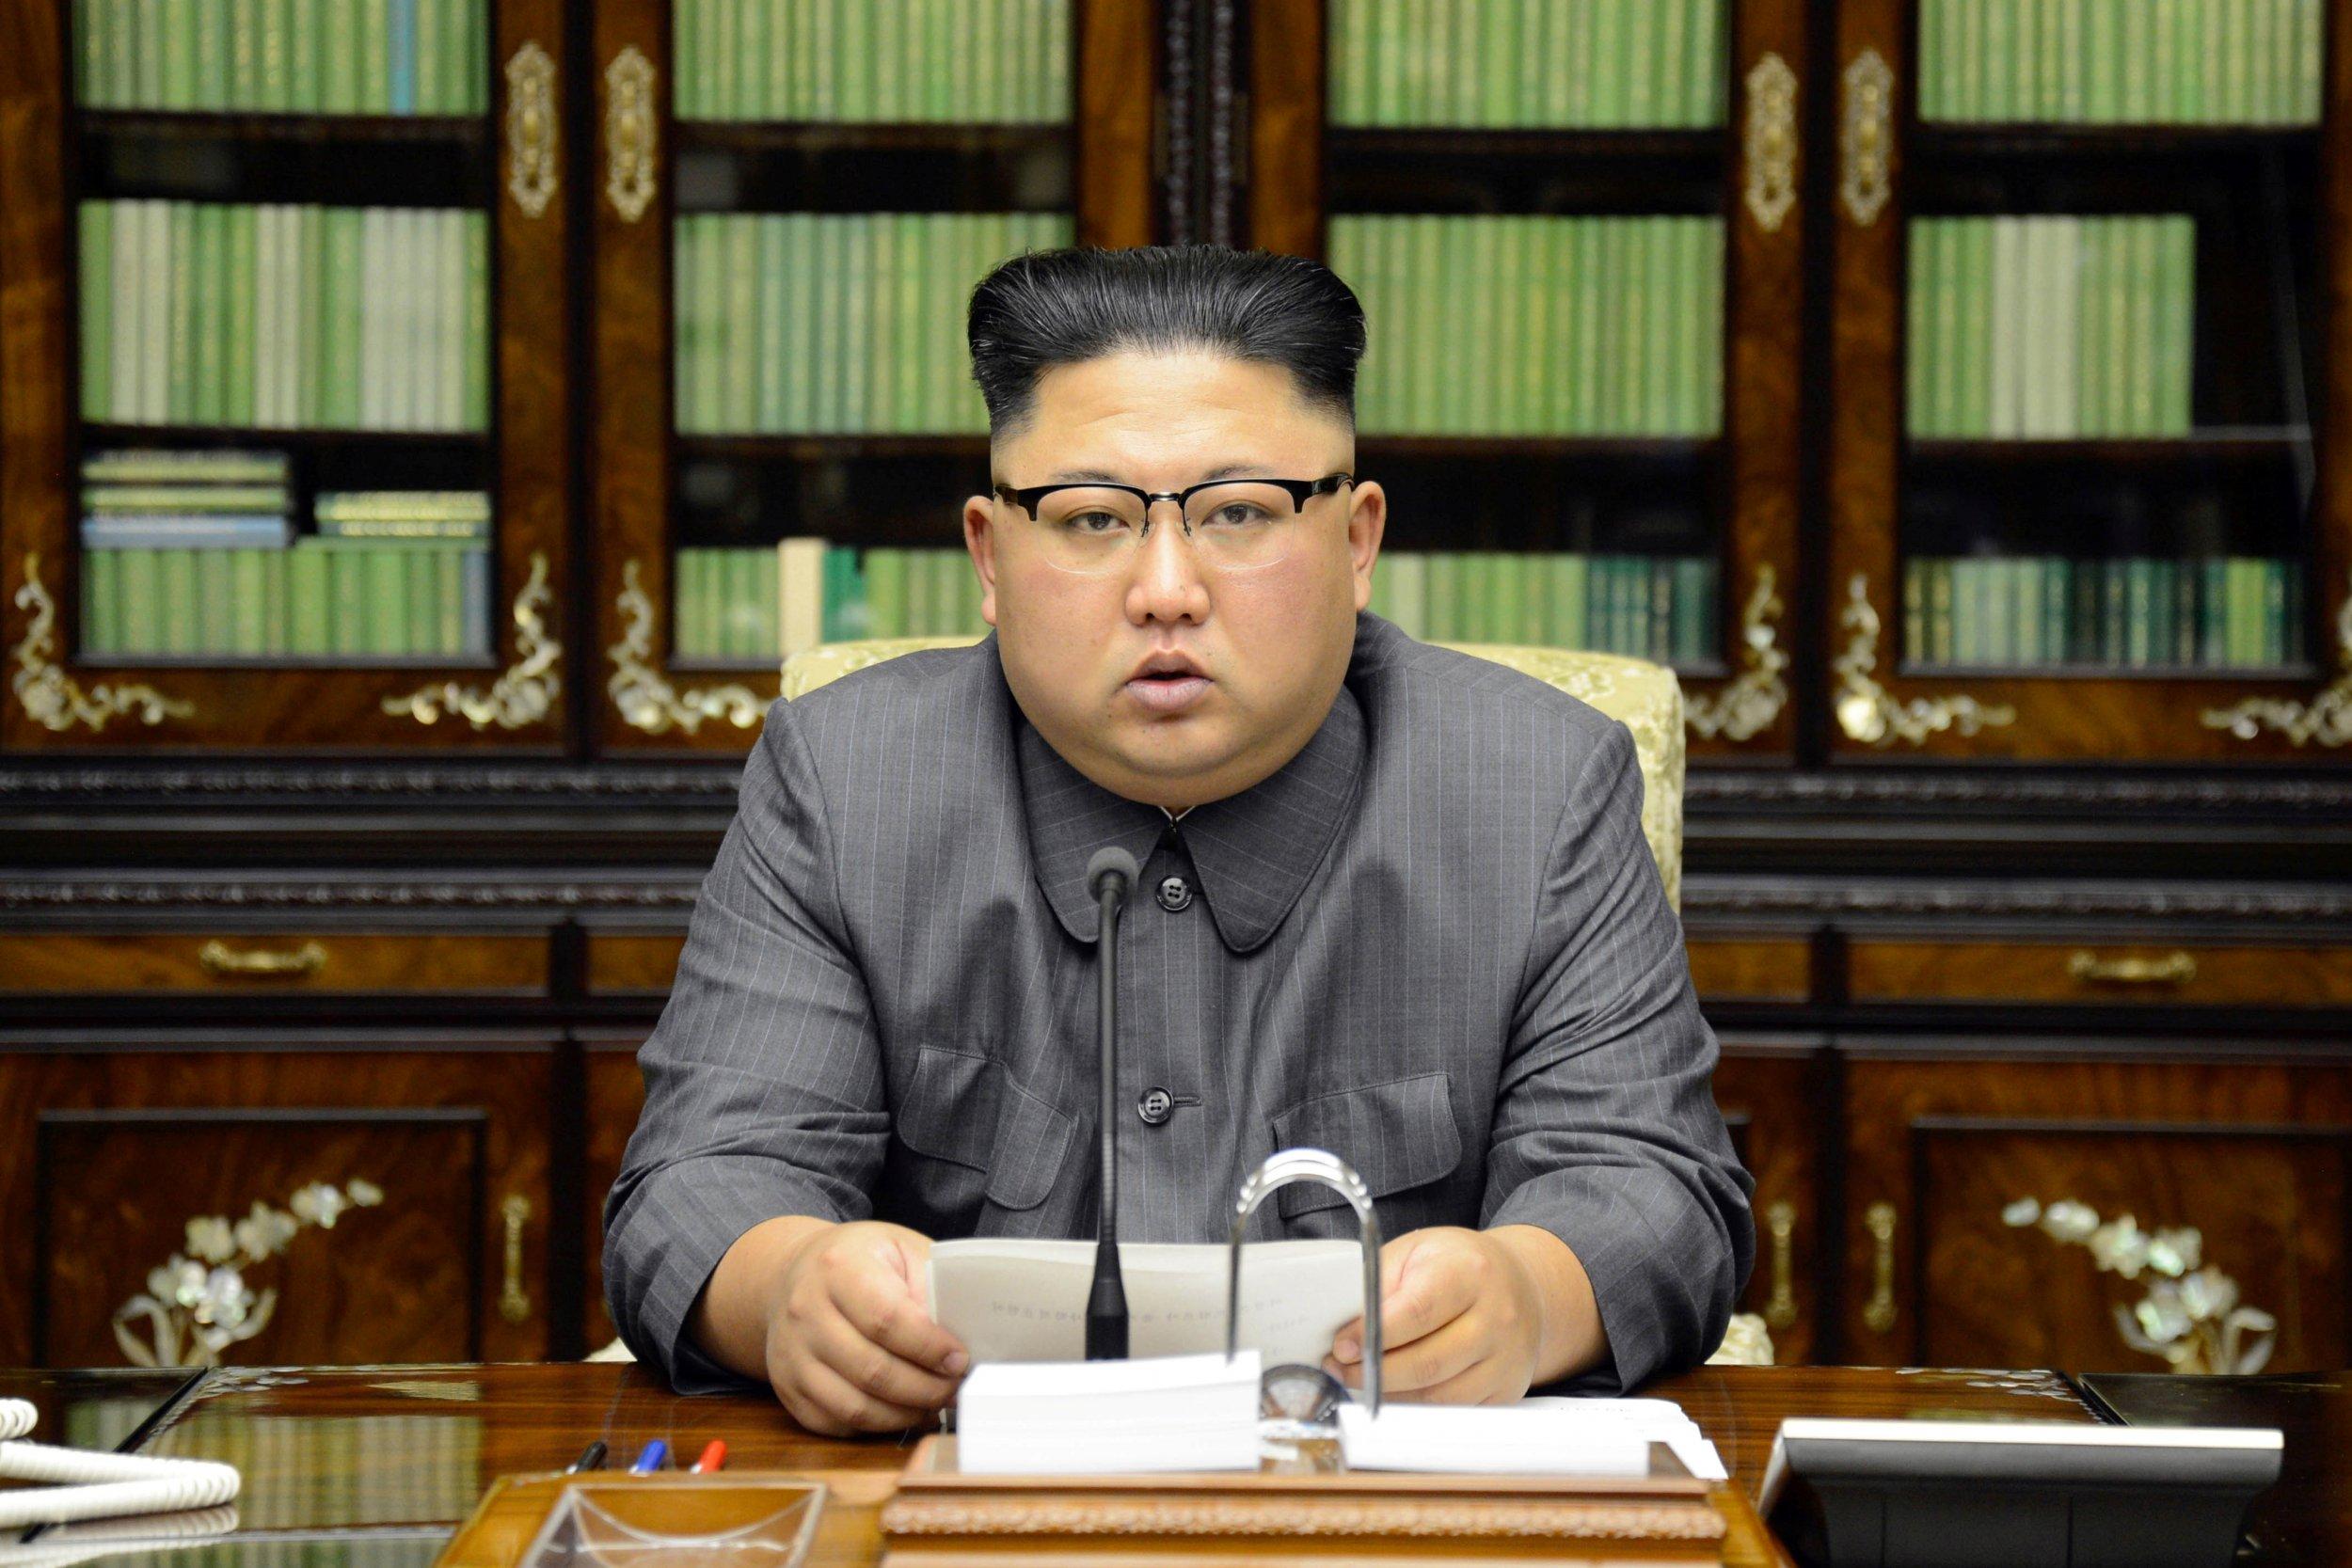 09_22_Kim_Jong_Un